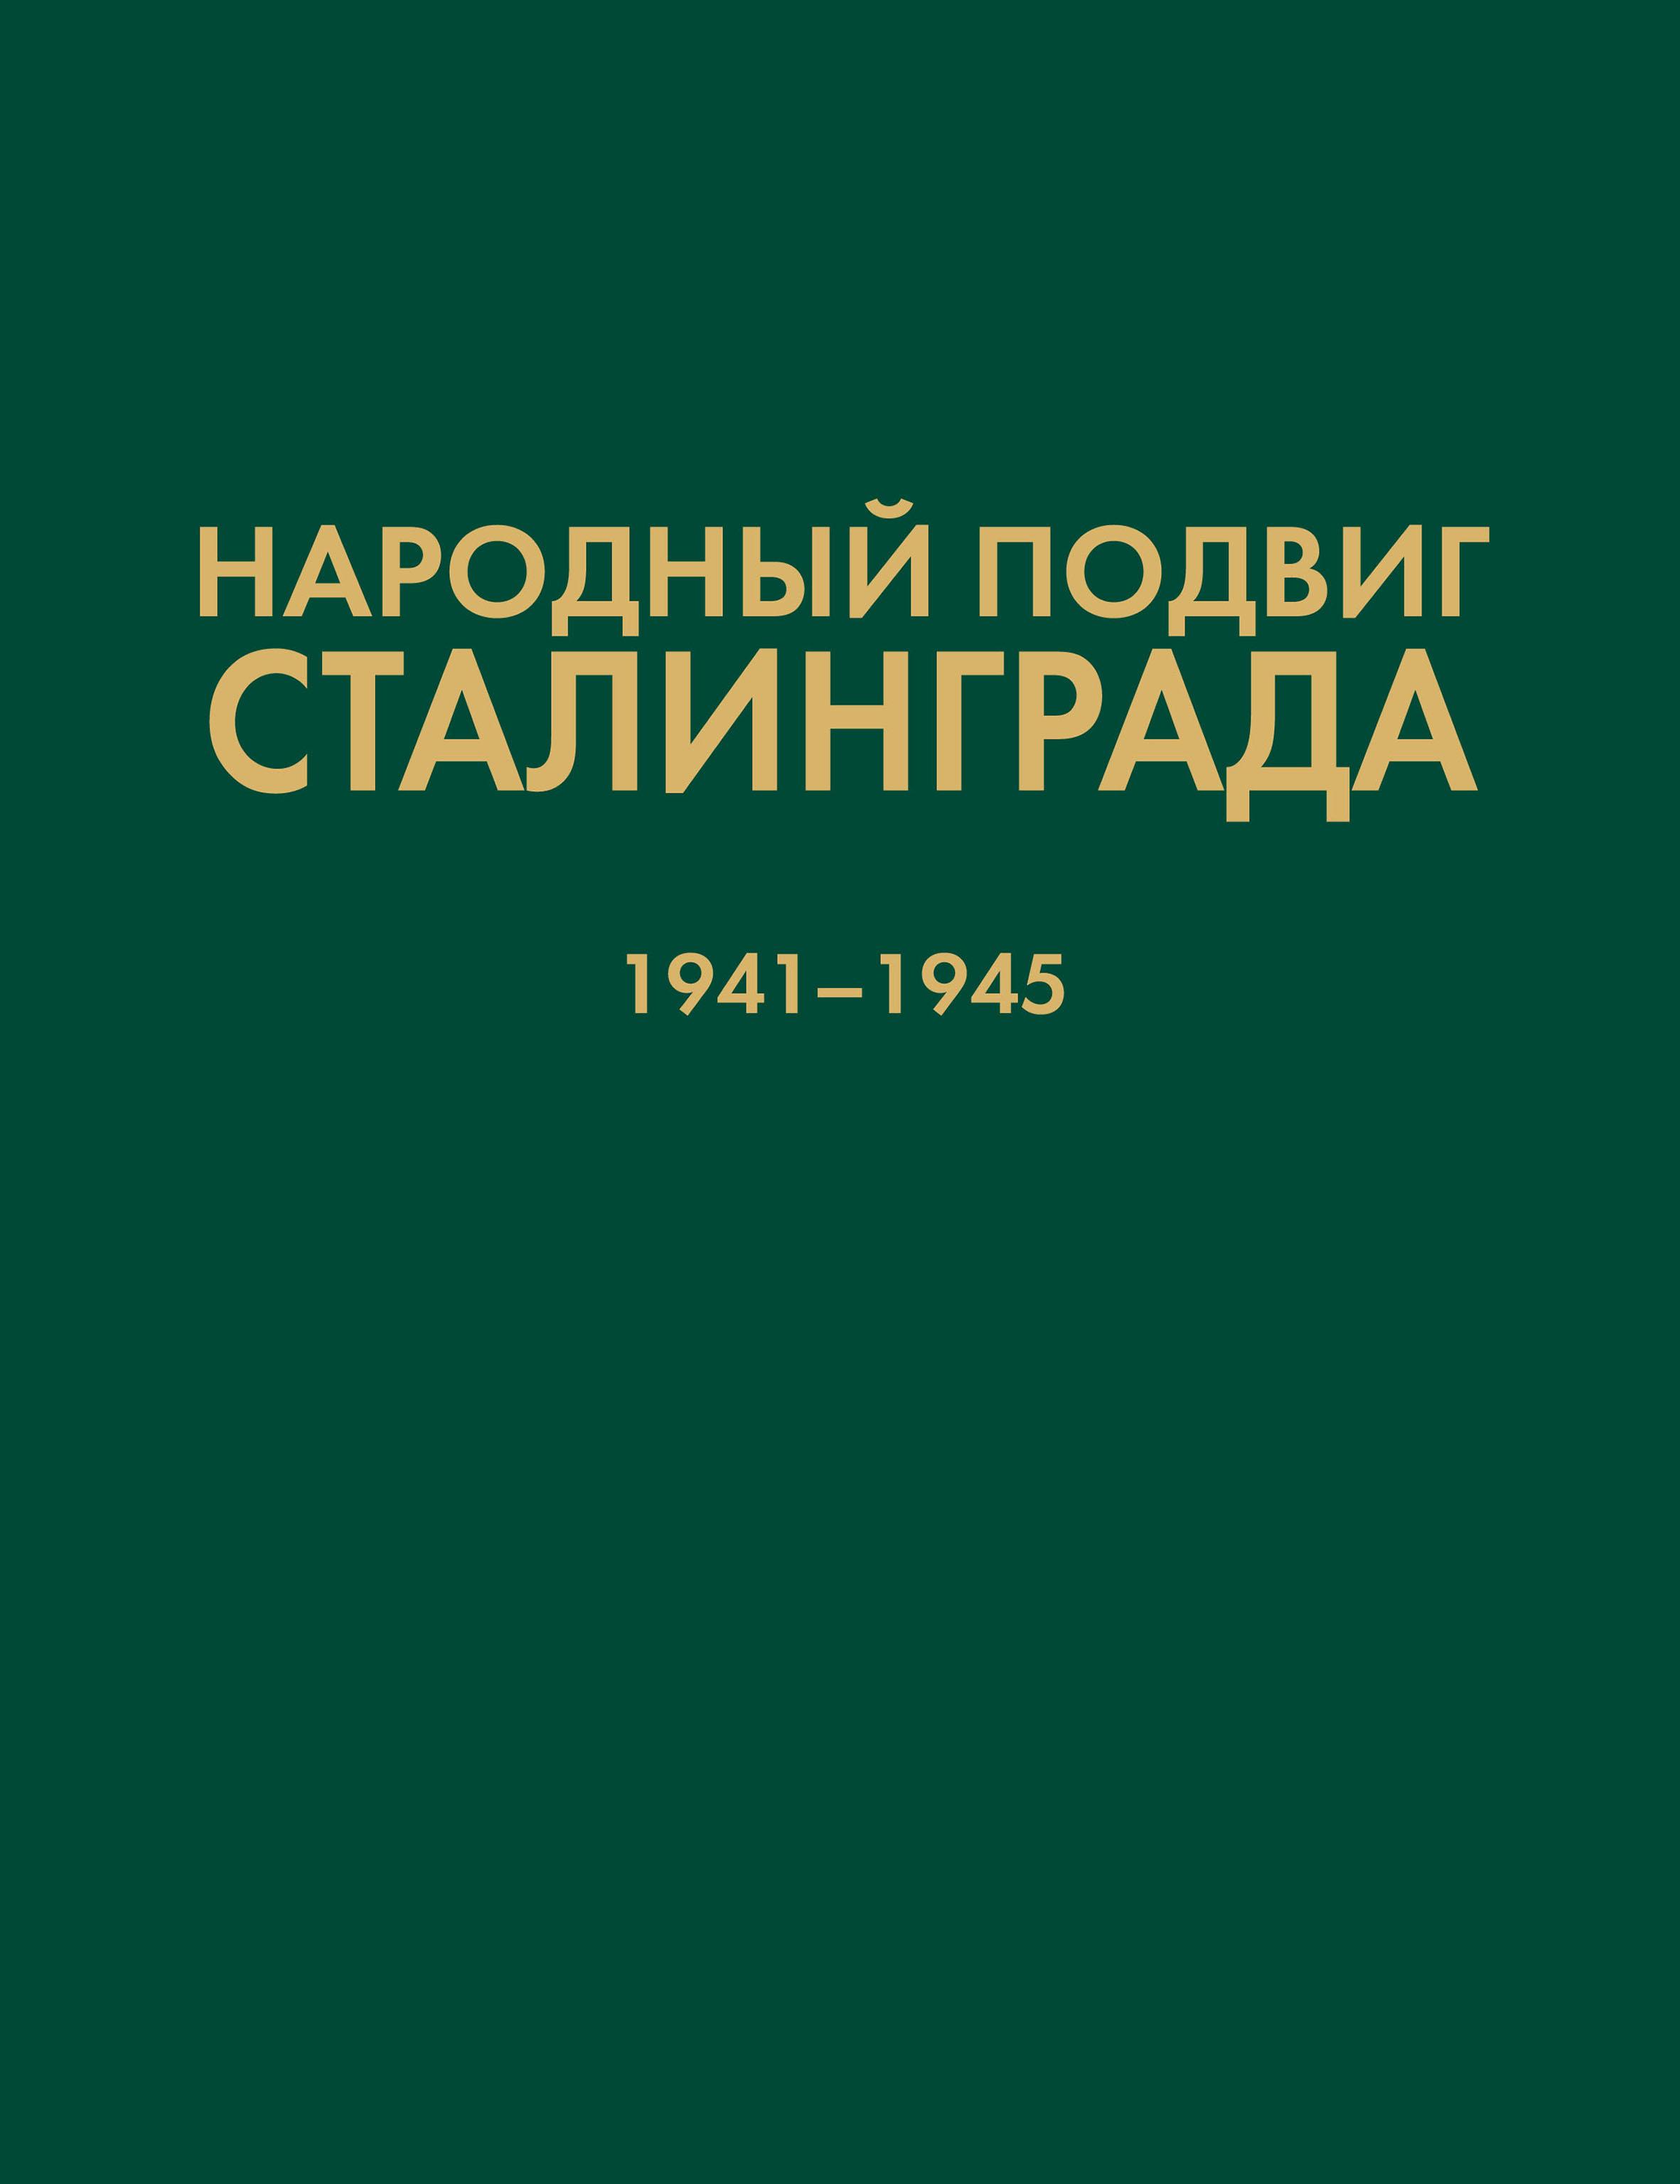 narodnyy podvig stalingrada dobrovolcheskie formirovaniya grazhdanskogo naseleniya 19411945 gg